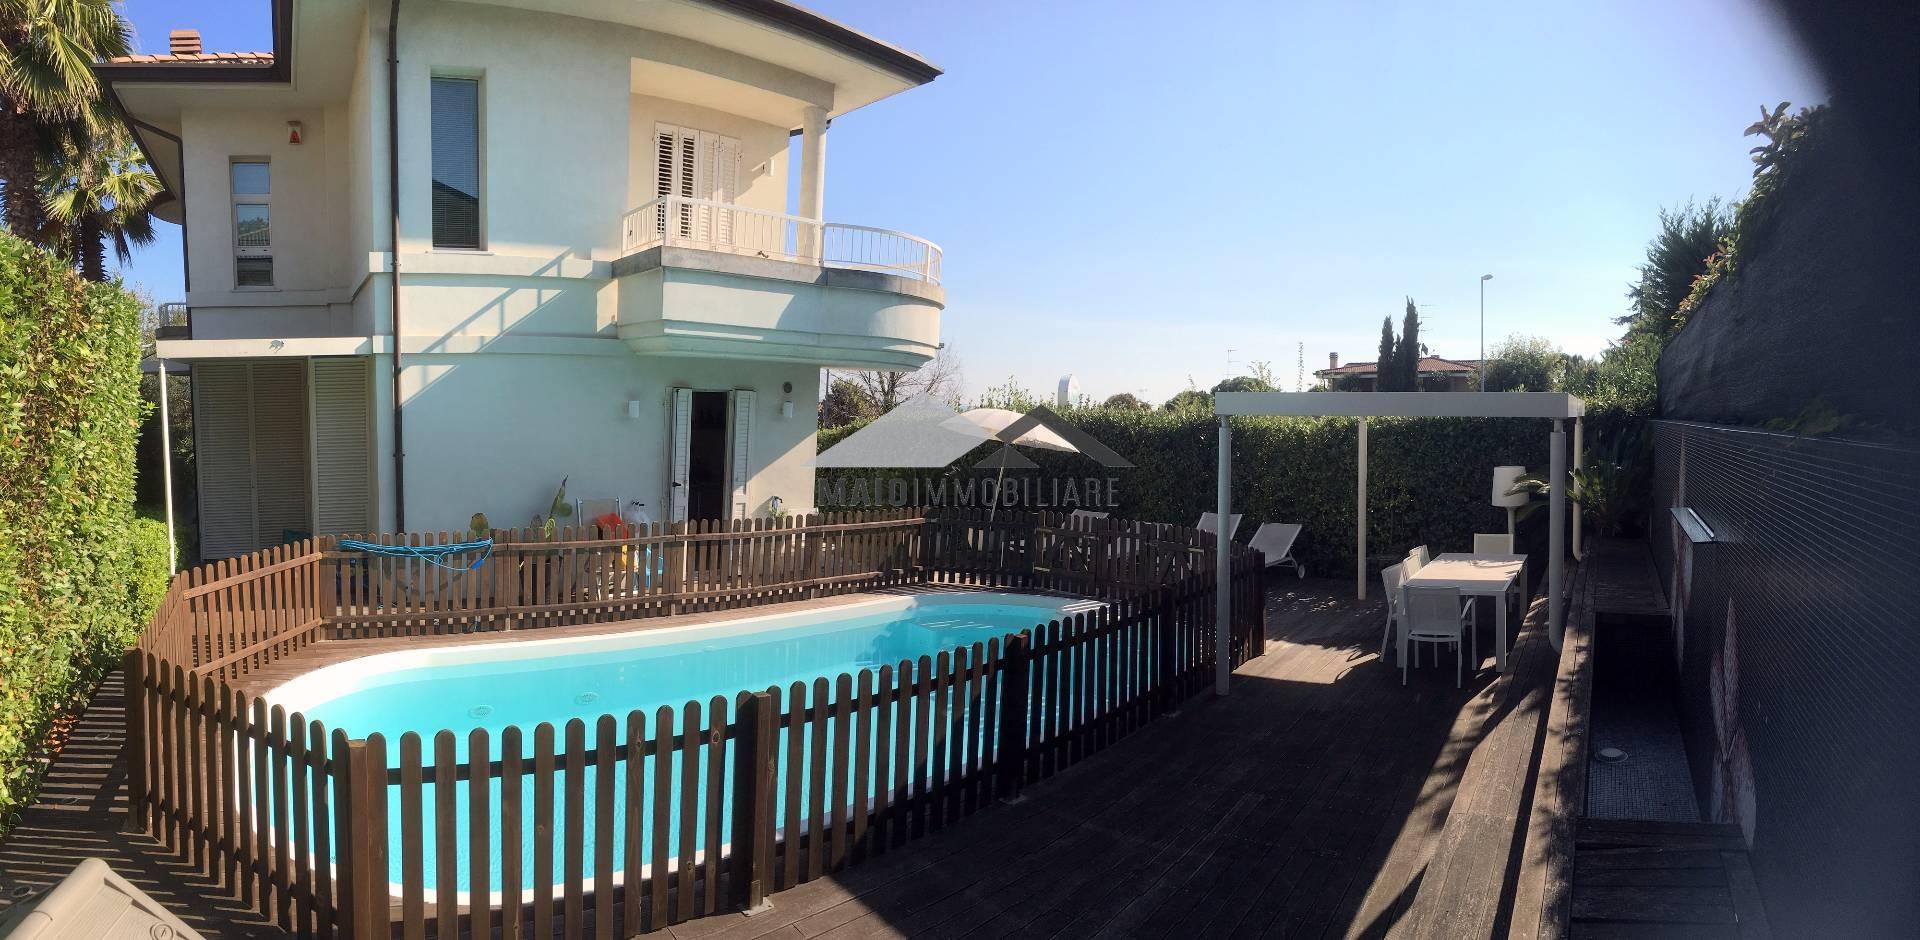 Villa in vendita a Riccione, 3 locali, zona Località: COLLEDEIPINI, prezzo € 1.180.000 | Cambio Casa.it